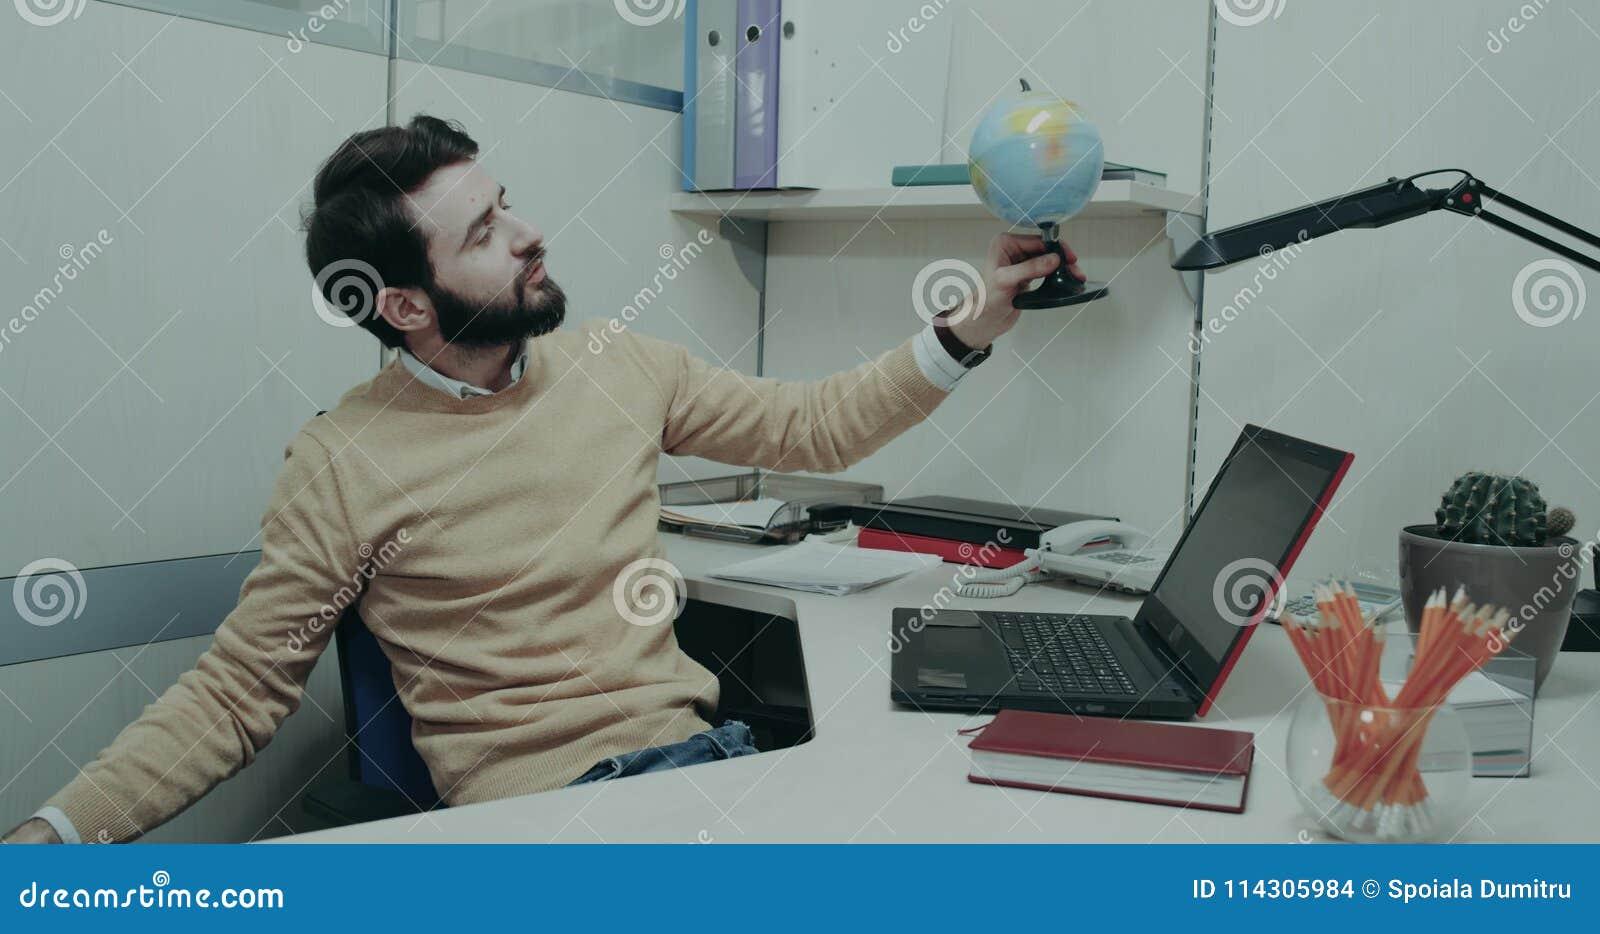 Lavoro Ufficio Clipart : Il gioco dell uomo dell ufficio carismatico con un clipart